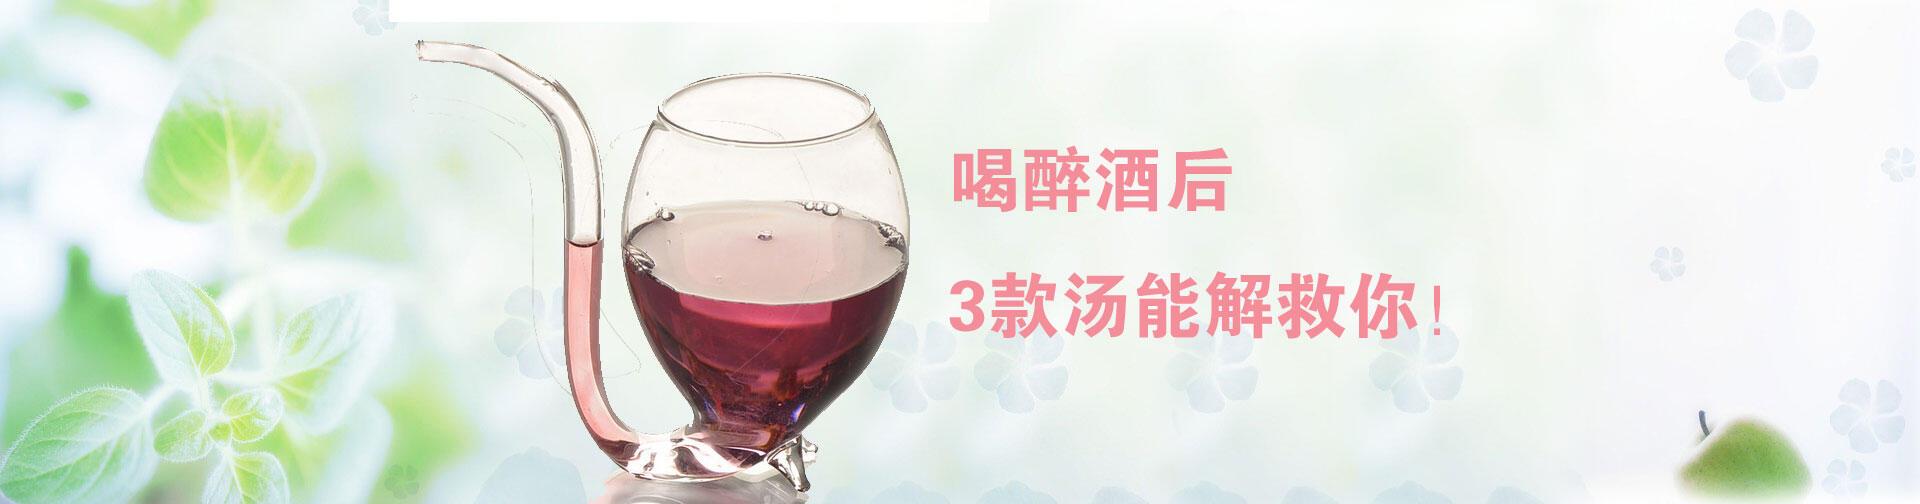 醉酒后推荐你喝三款汤,能解酒排肝毒